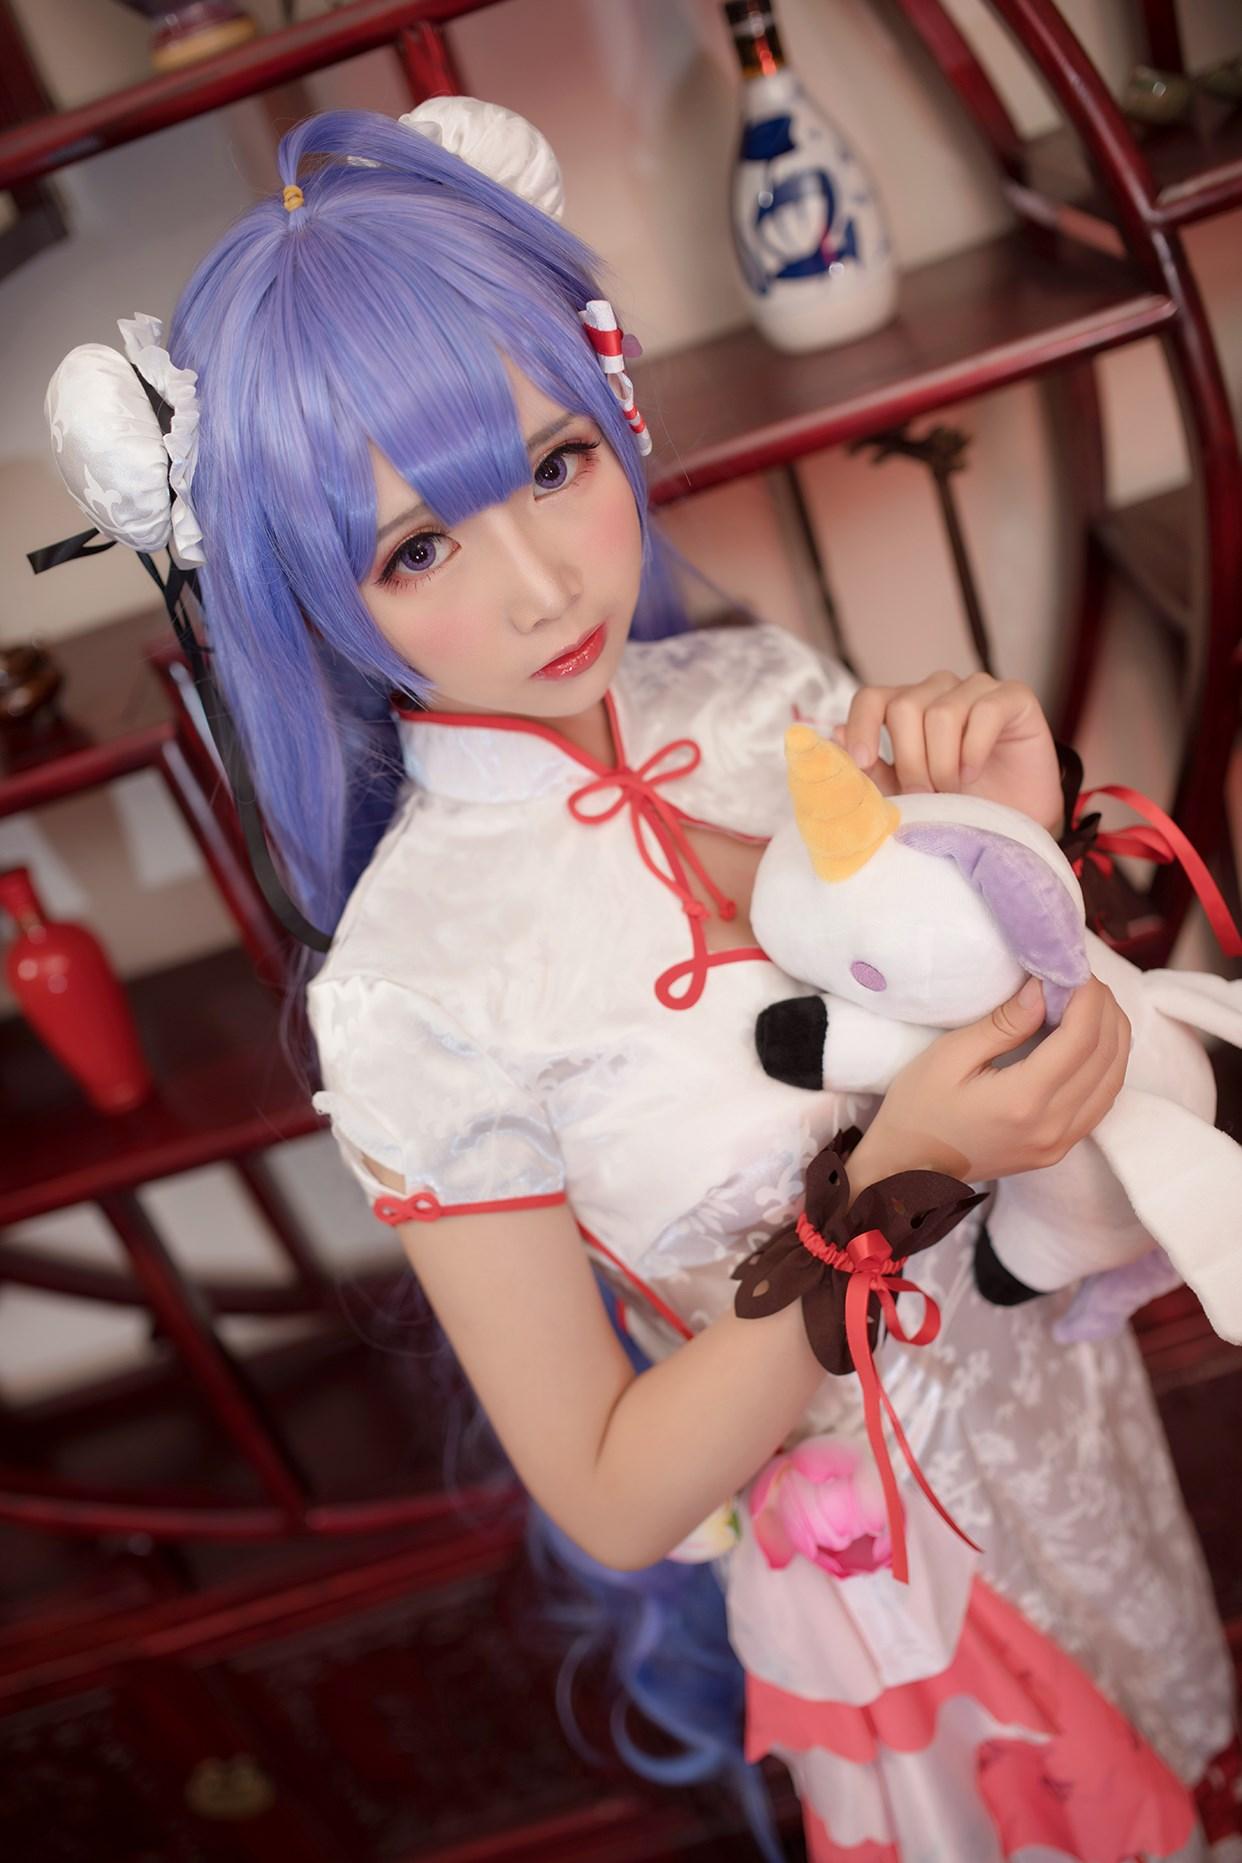 【兔玩映画】护士姐姐和旗袍 兔玩映画 第8张